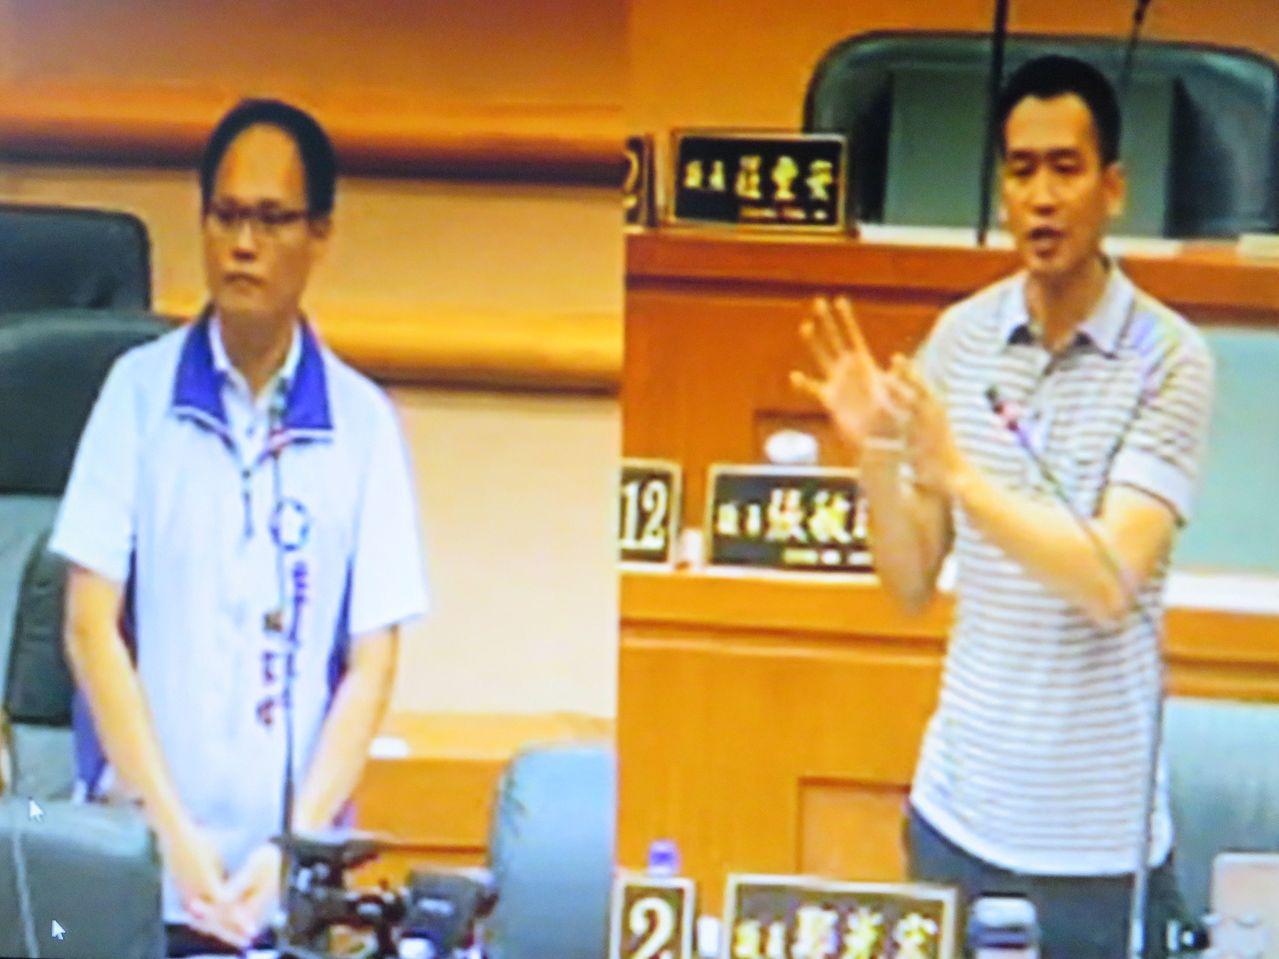 嘉義市議員鄭光宏(右)質詢社會處長林家緯(左)。記者魯永明/翻攝